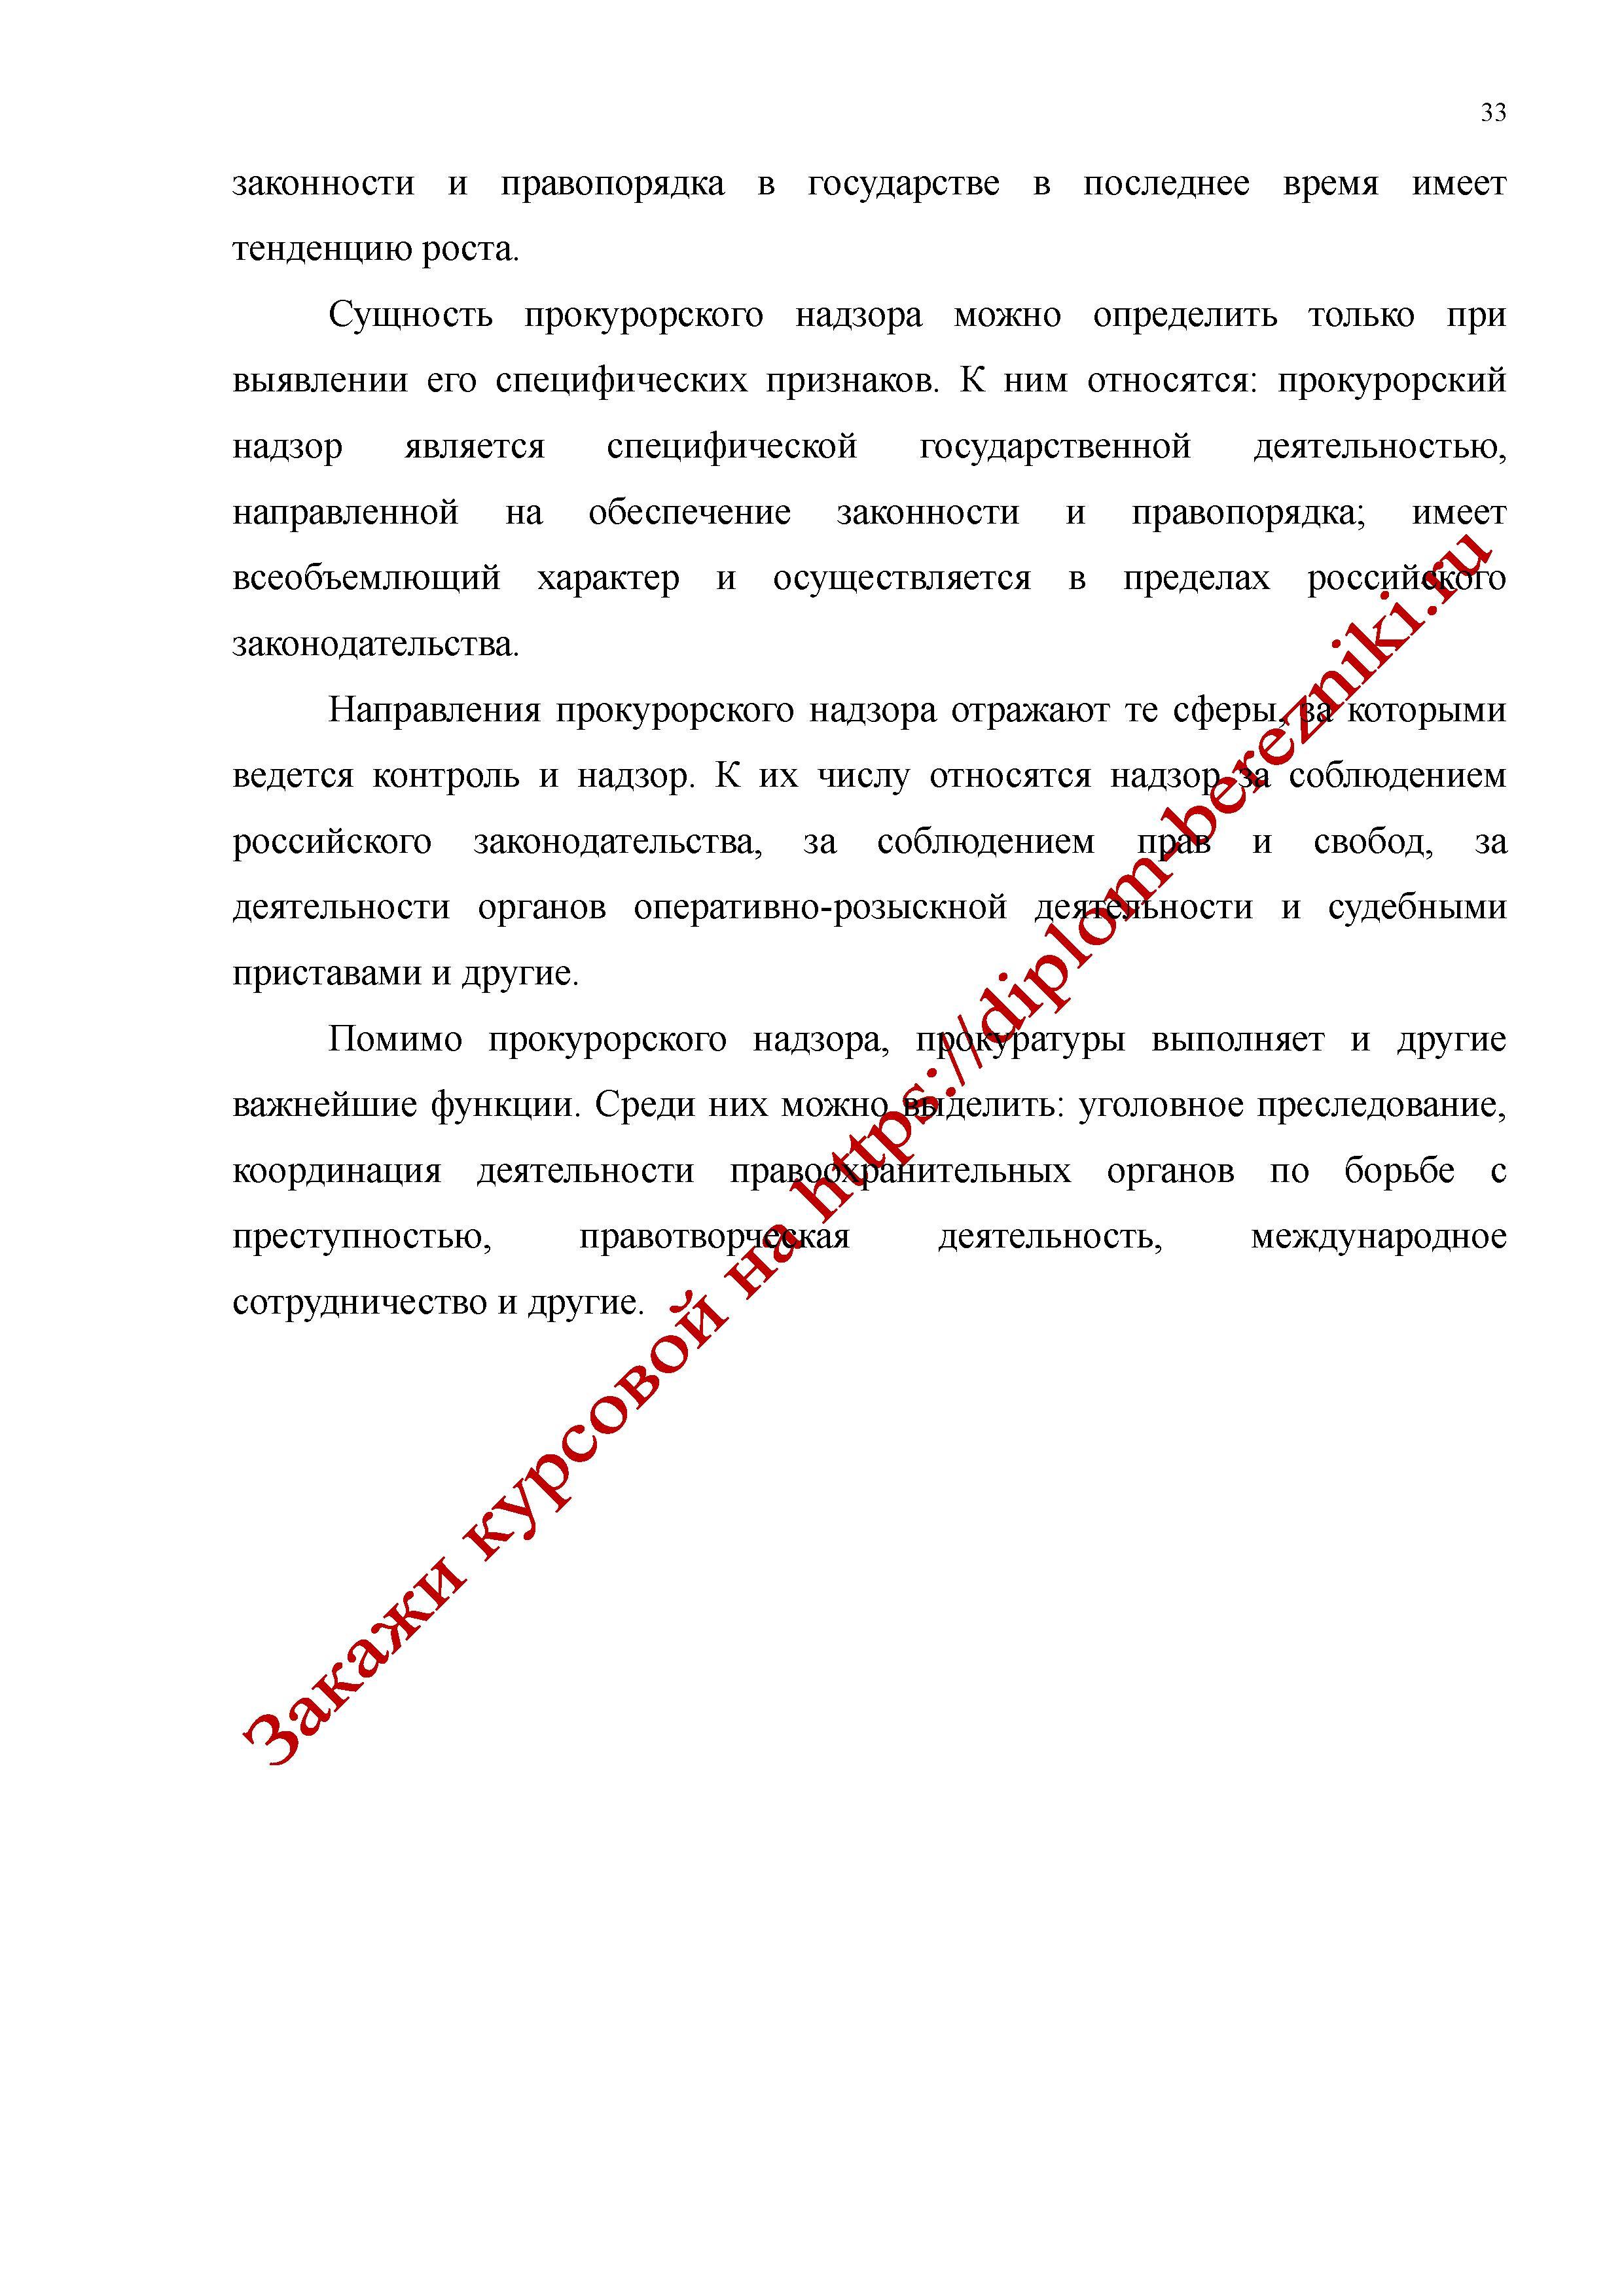 Контроль за выполнением законодательных норм административными органами и учреждениями